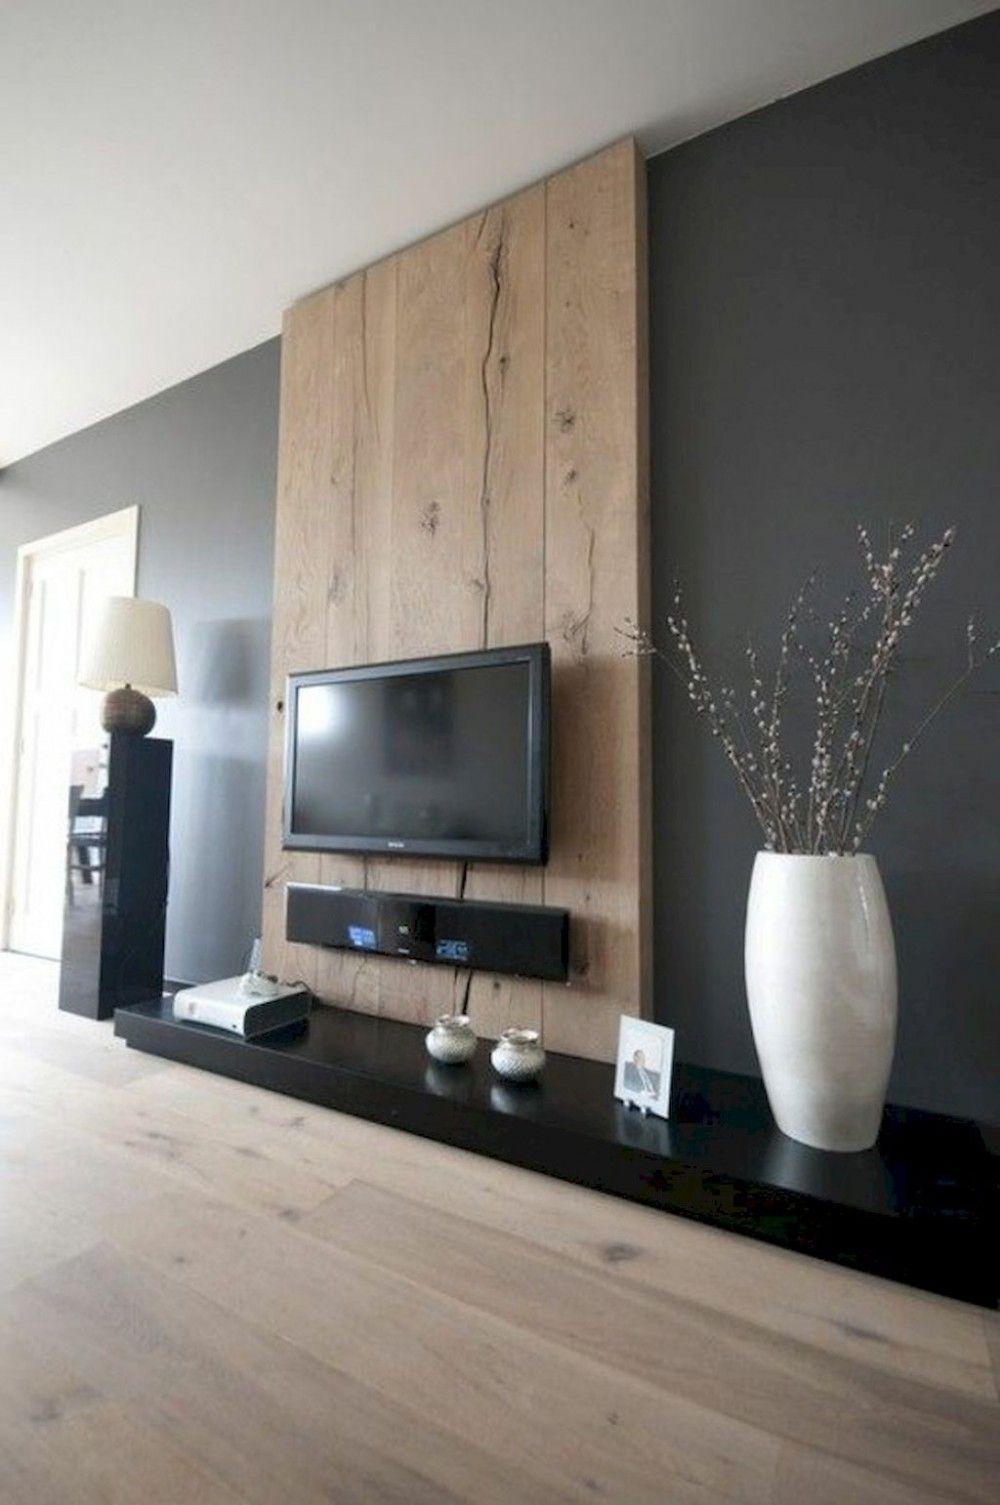 10 TV Wand Wohnzimmer Ideen Dekor auf ein Budget  Minimalist